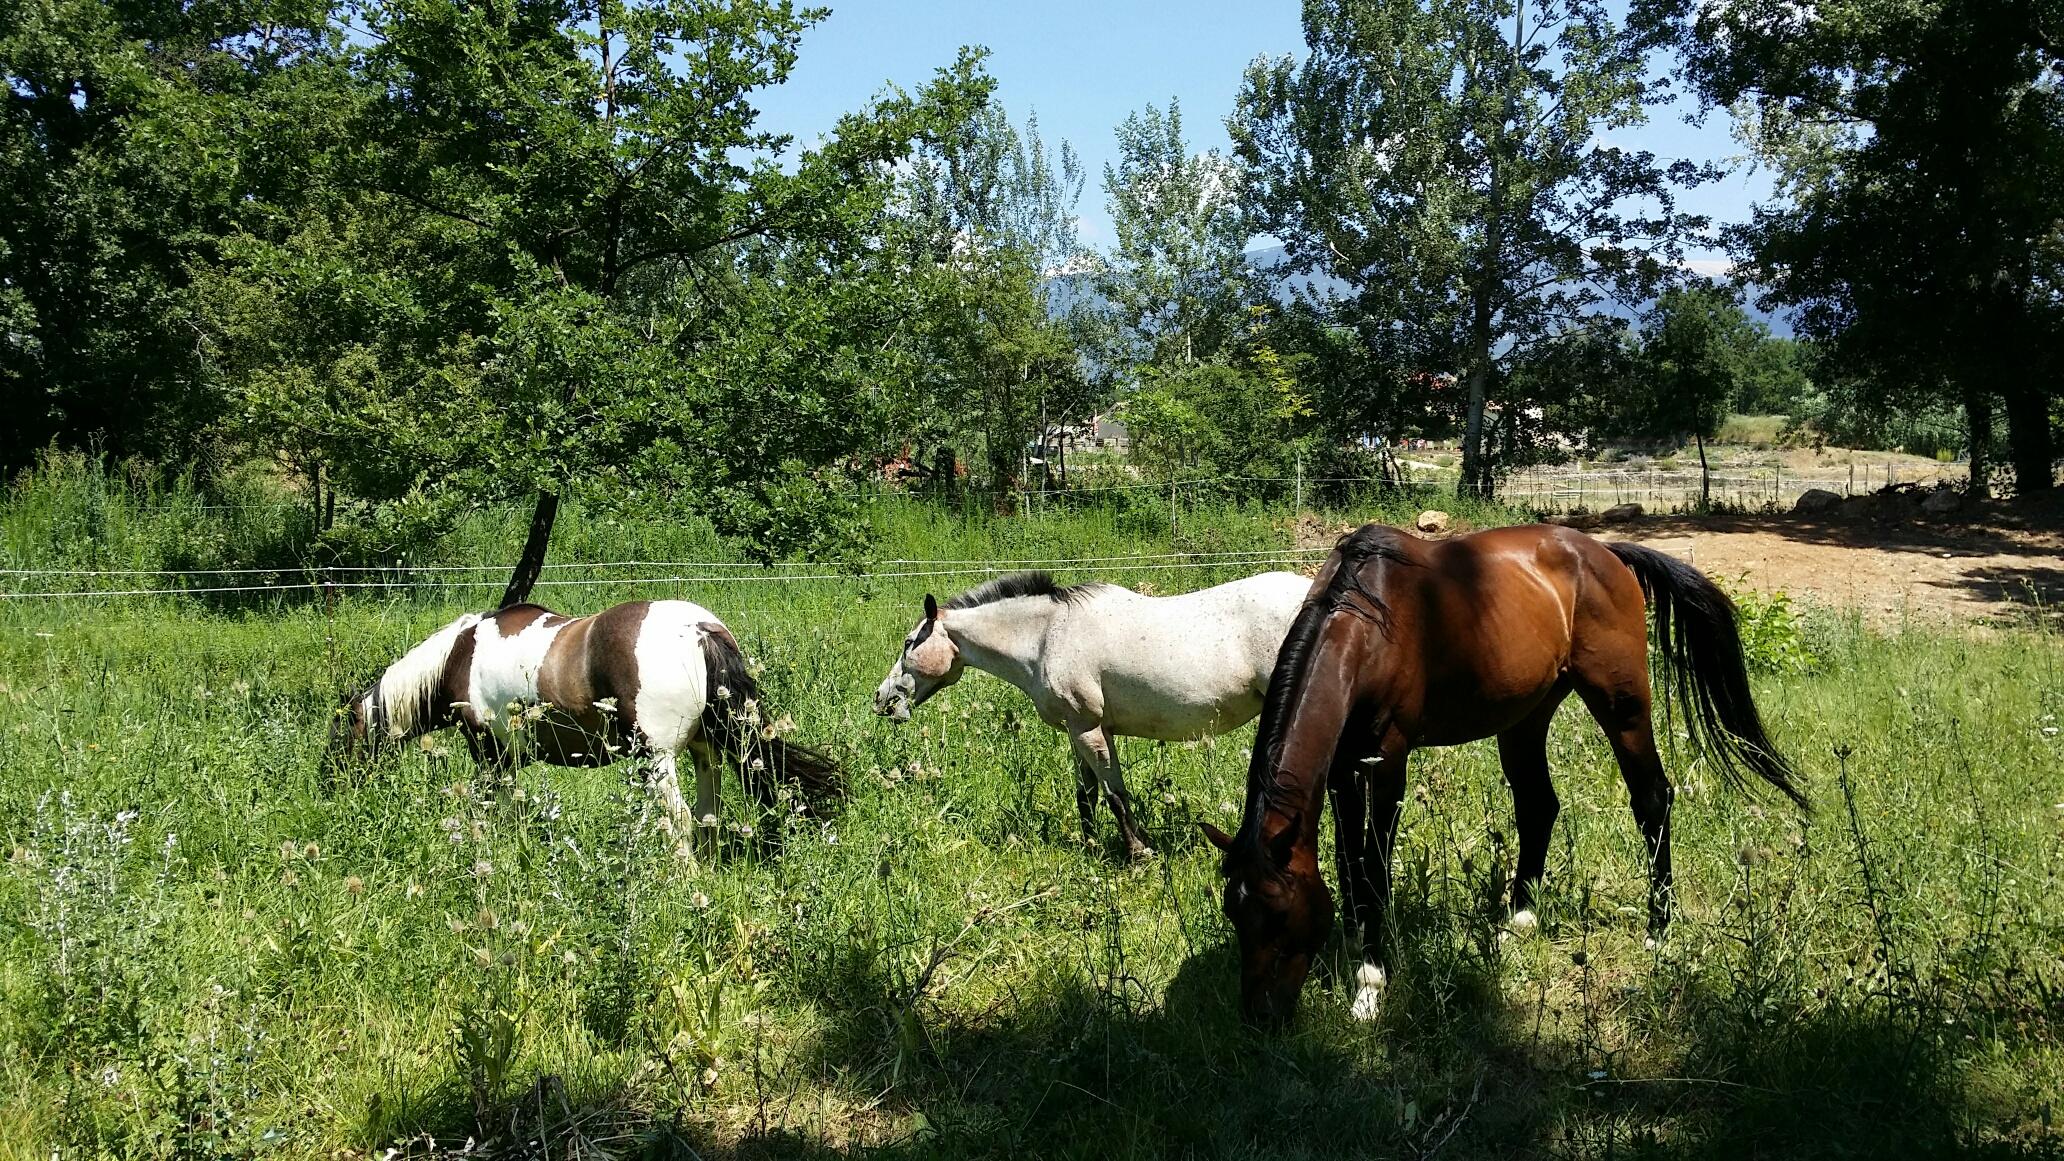 gite étape equestre chevaux logement couchage paddock paradise ecurie bedoin vaucluse randonnée cheval pieds velo course cheval passion